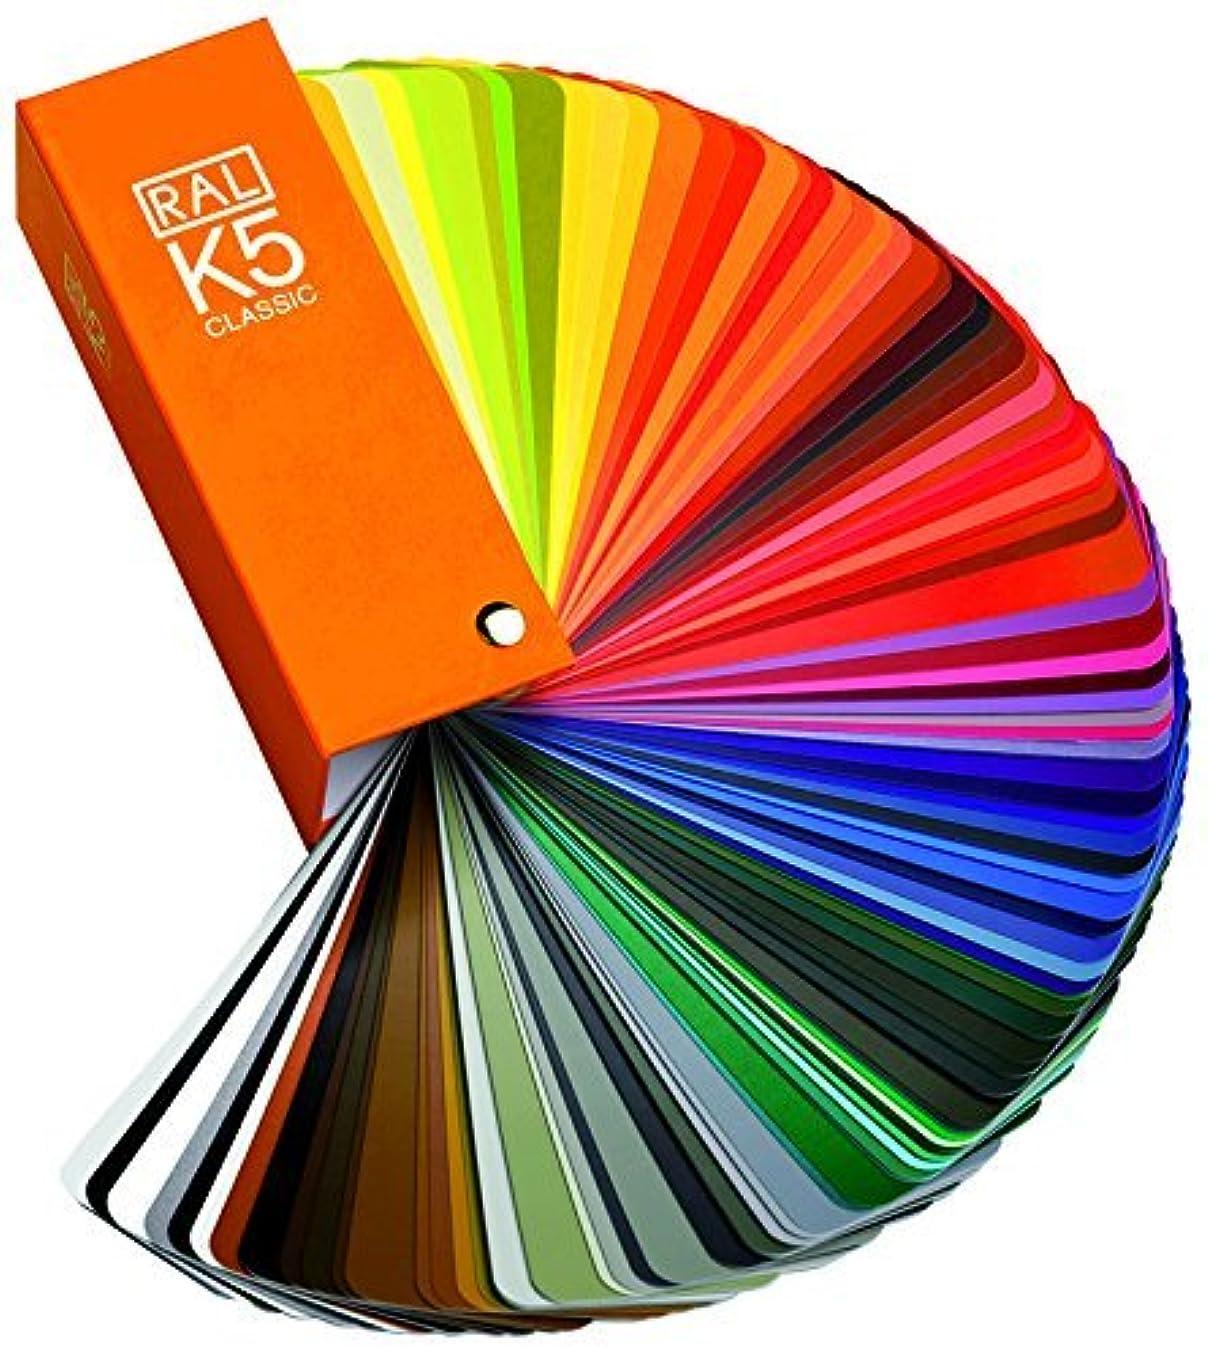 魅力パントリー方言RAL K5 光沢版 カラーチャート 『RAL正規品、偽造防止ラベルあり』 「並行輸入」W&B